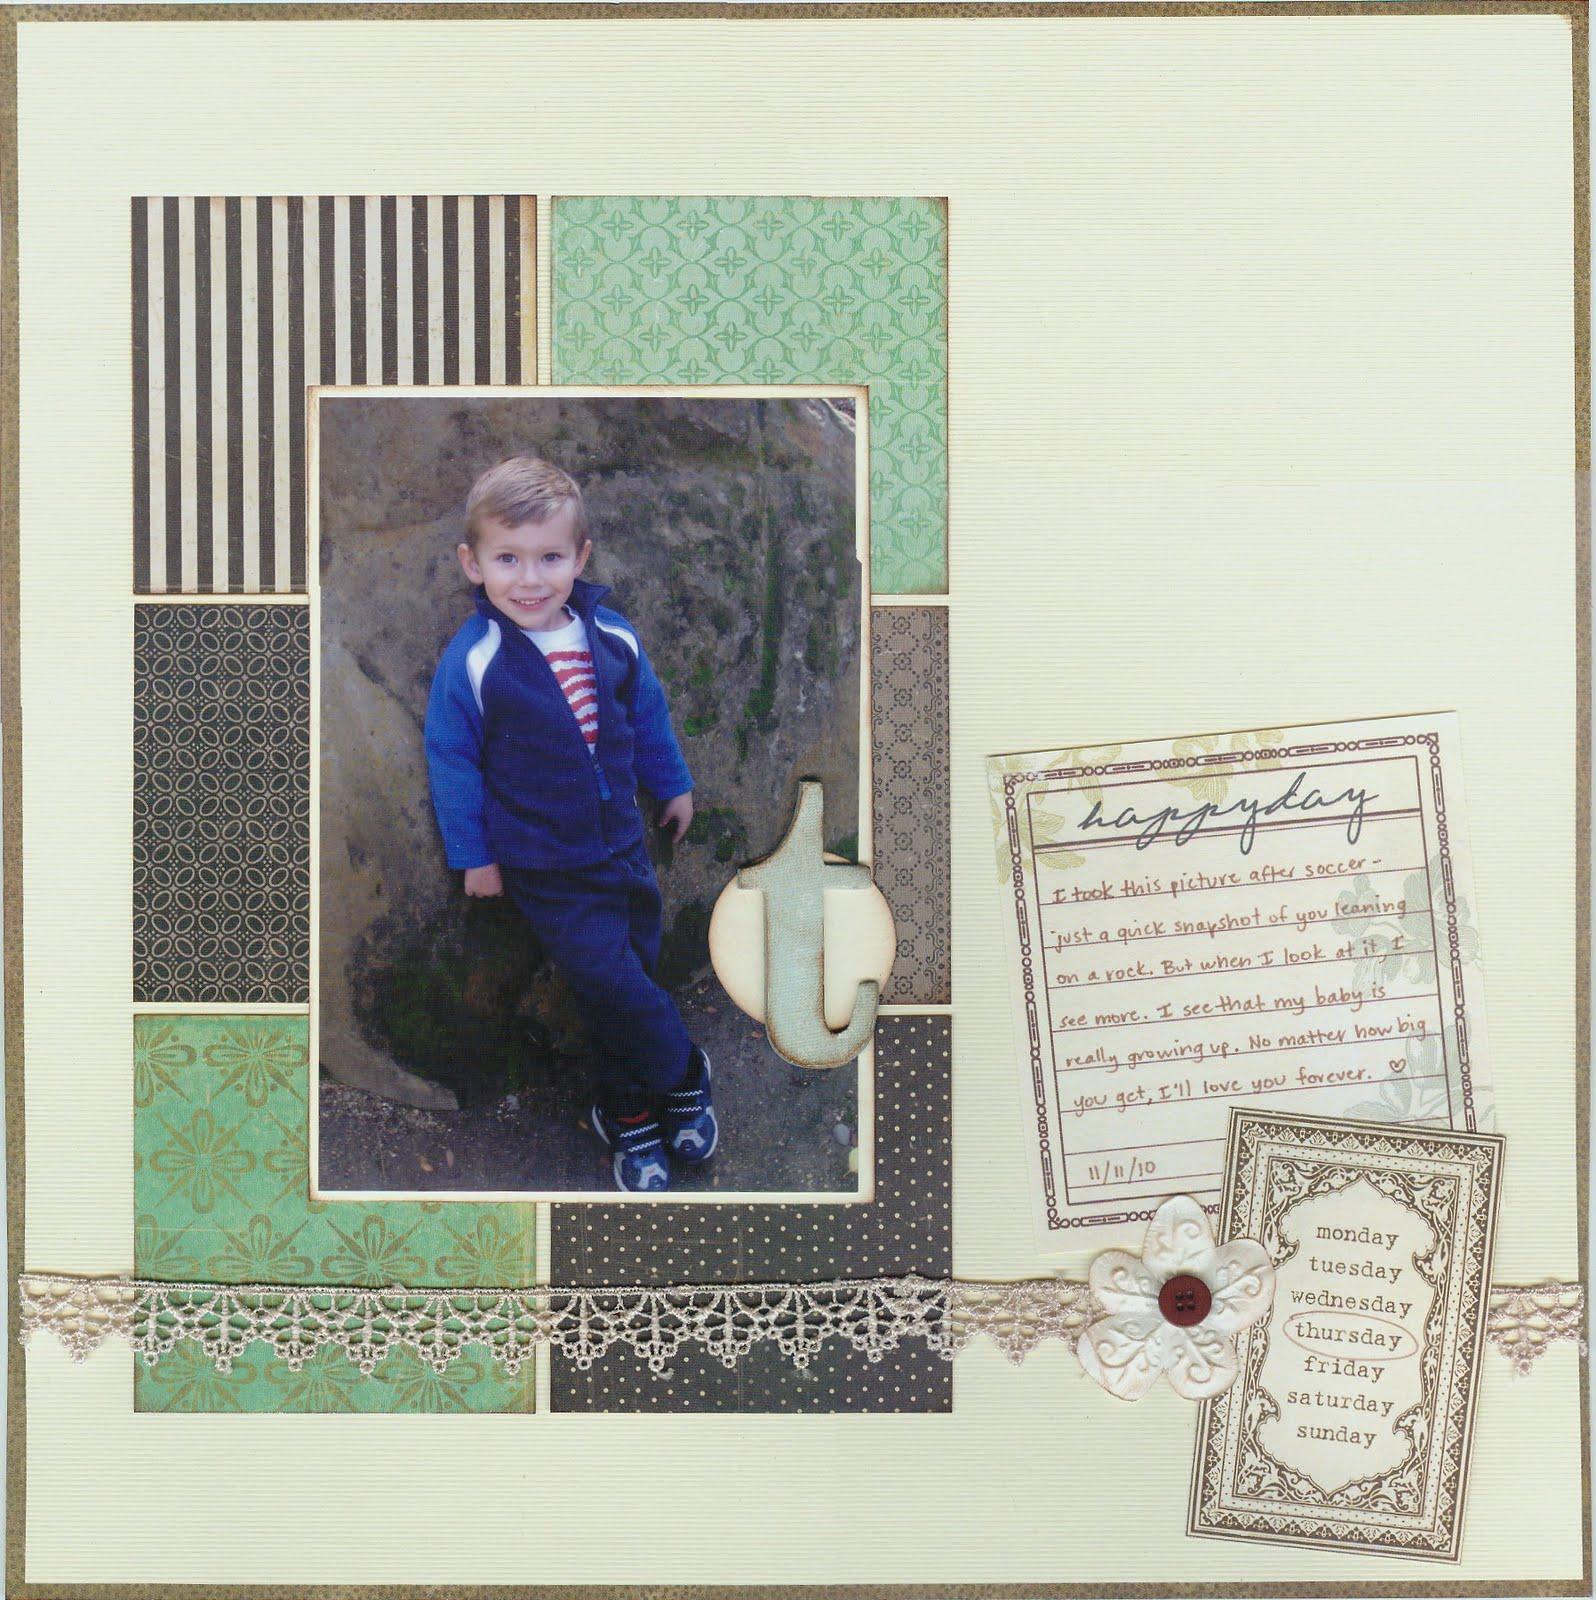 http://3.bp.blogspot.com/-Ia0FPuAfNQU/TWaJpOOa90I/AAAAAAAAuqg/3qXORjVOejc/s1600/T_cratepaper.JPG